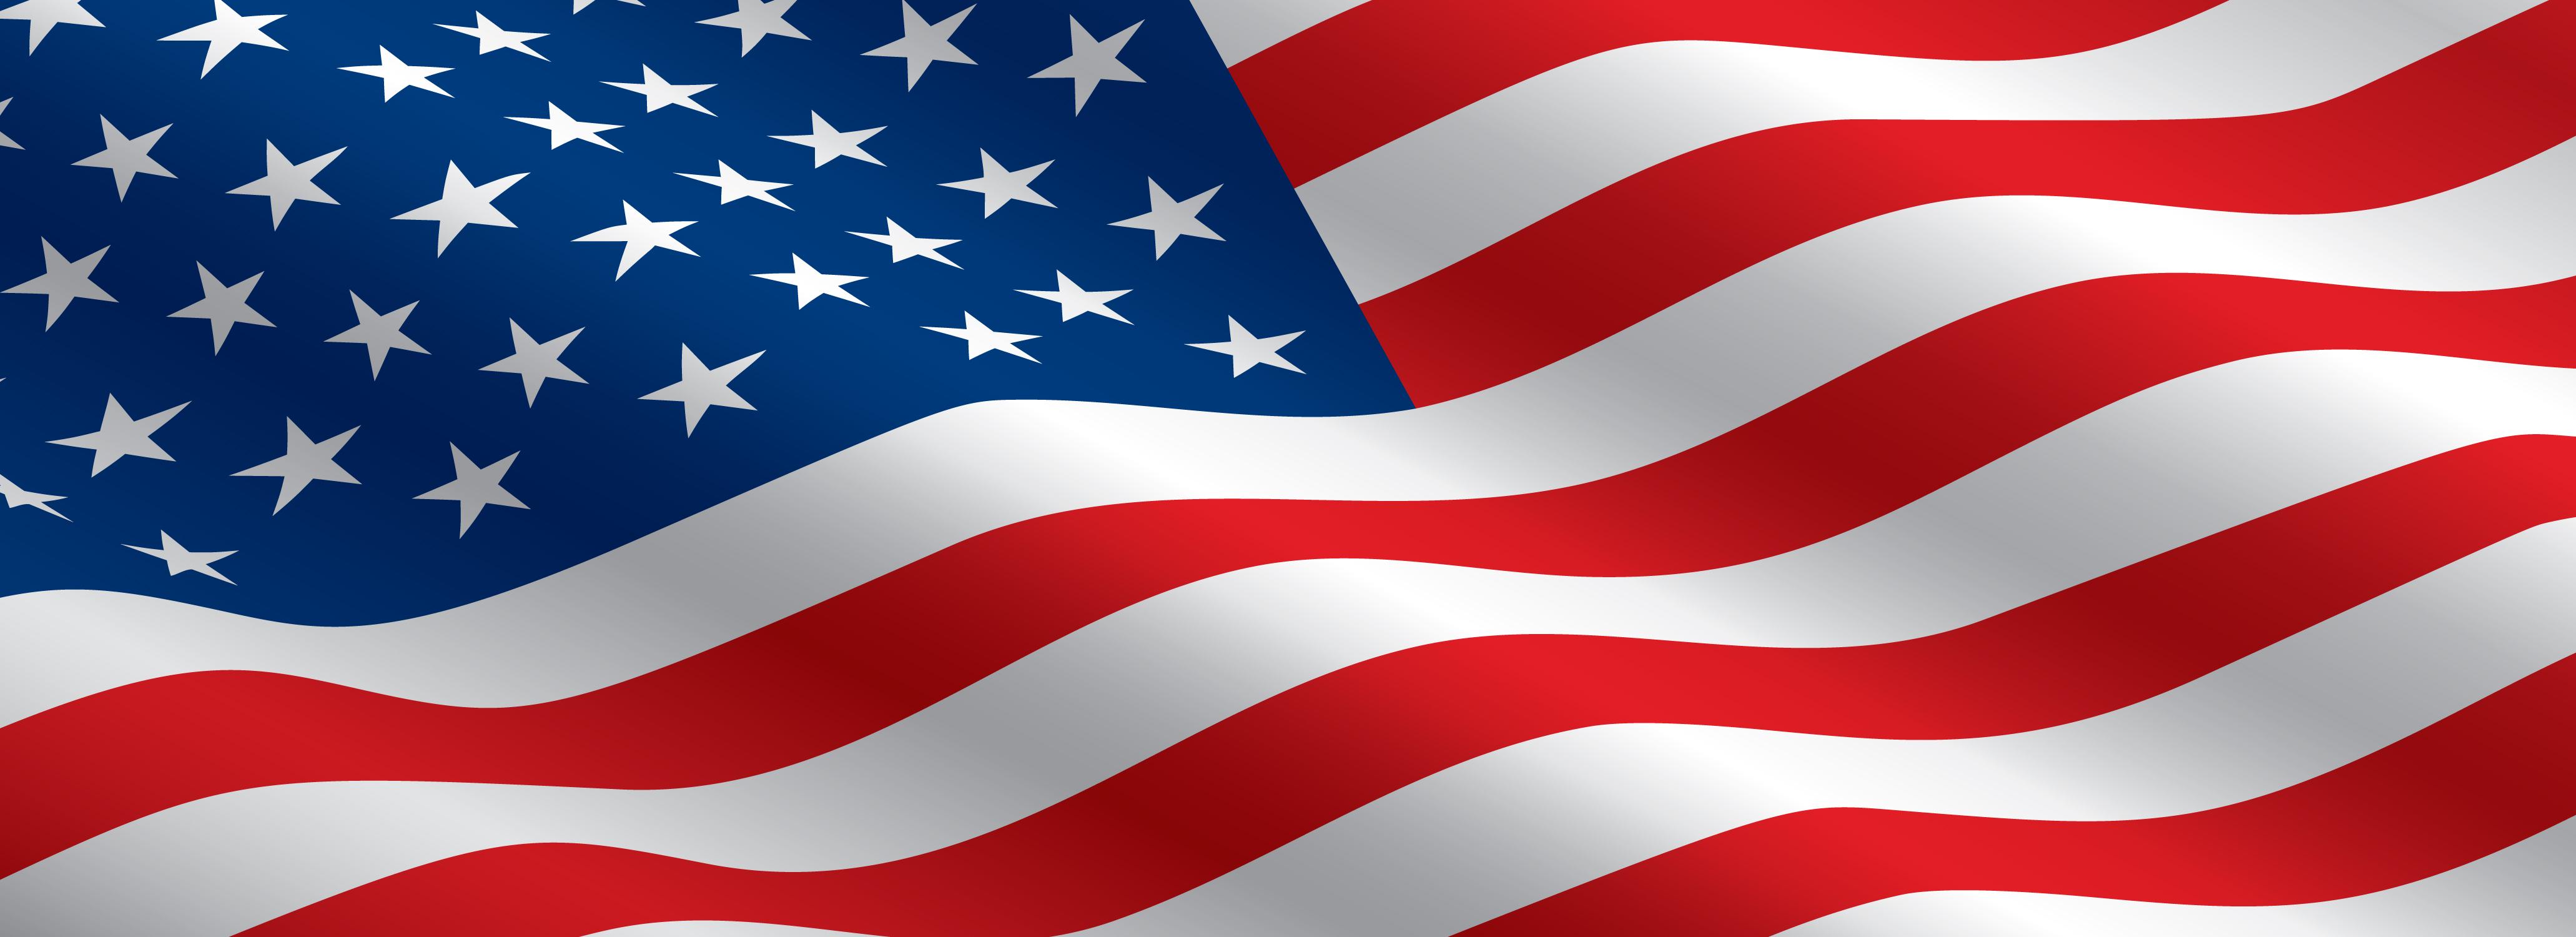 旗 旗帜 旗子 设计 矢量 矢量图 素材 4125_1500